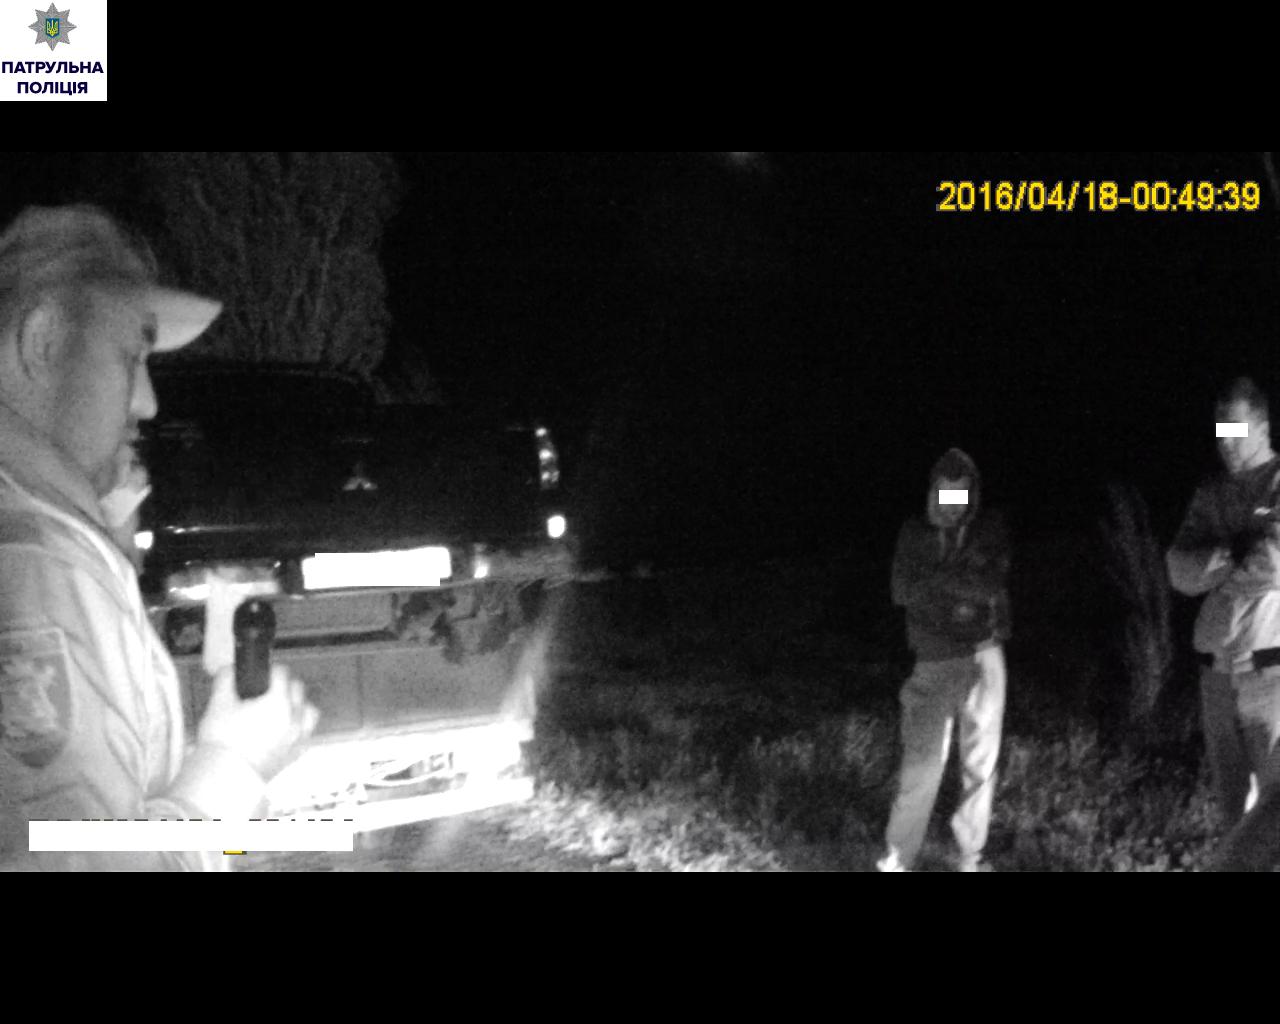 У Миколаєві патрульні впіймали вантажівку, яка перевозила підозрілу іномарку - фото 2